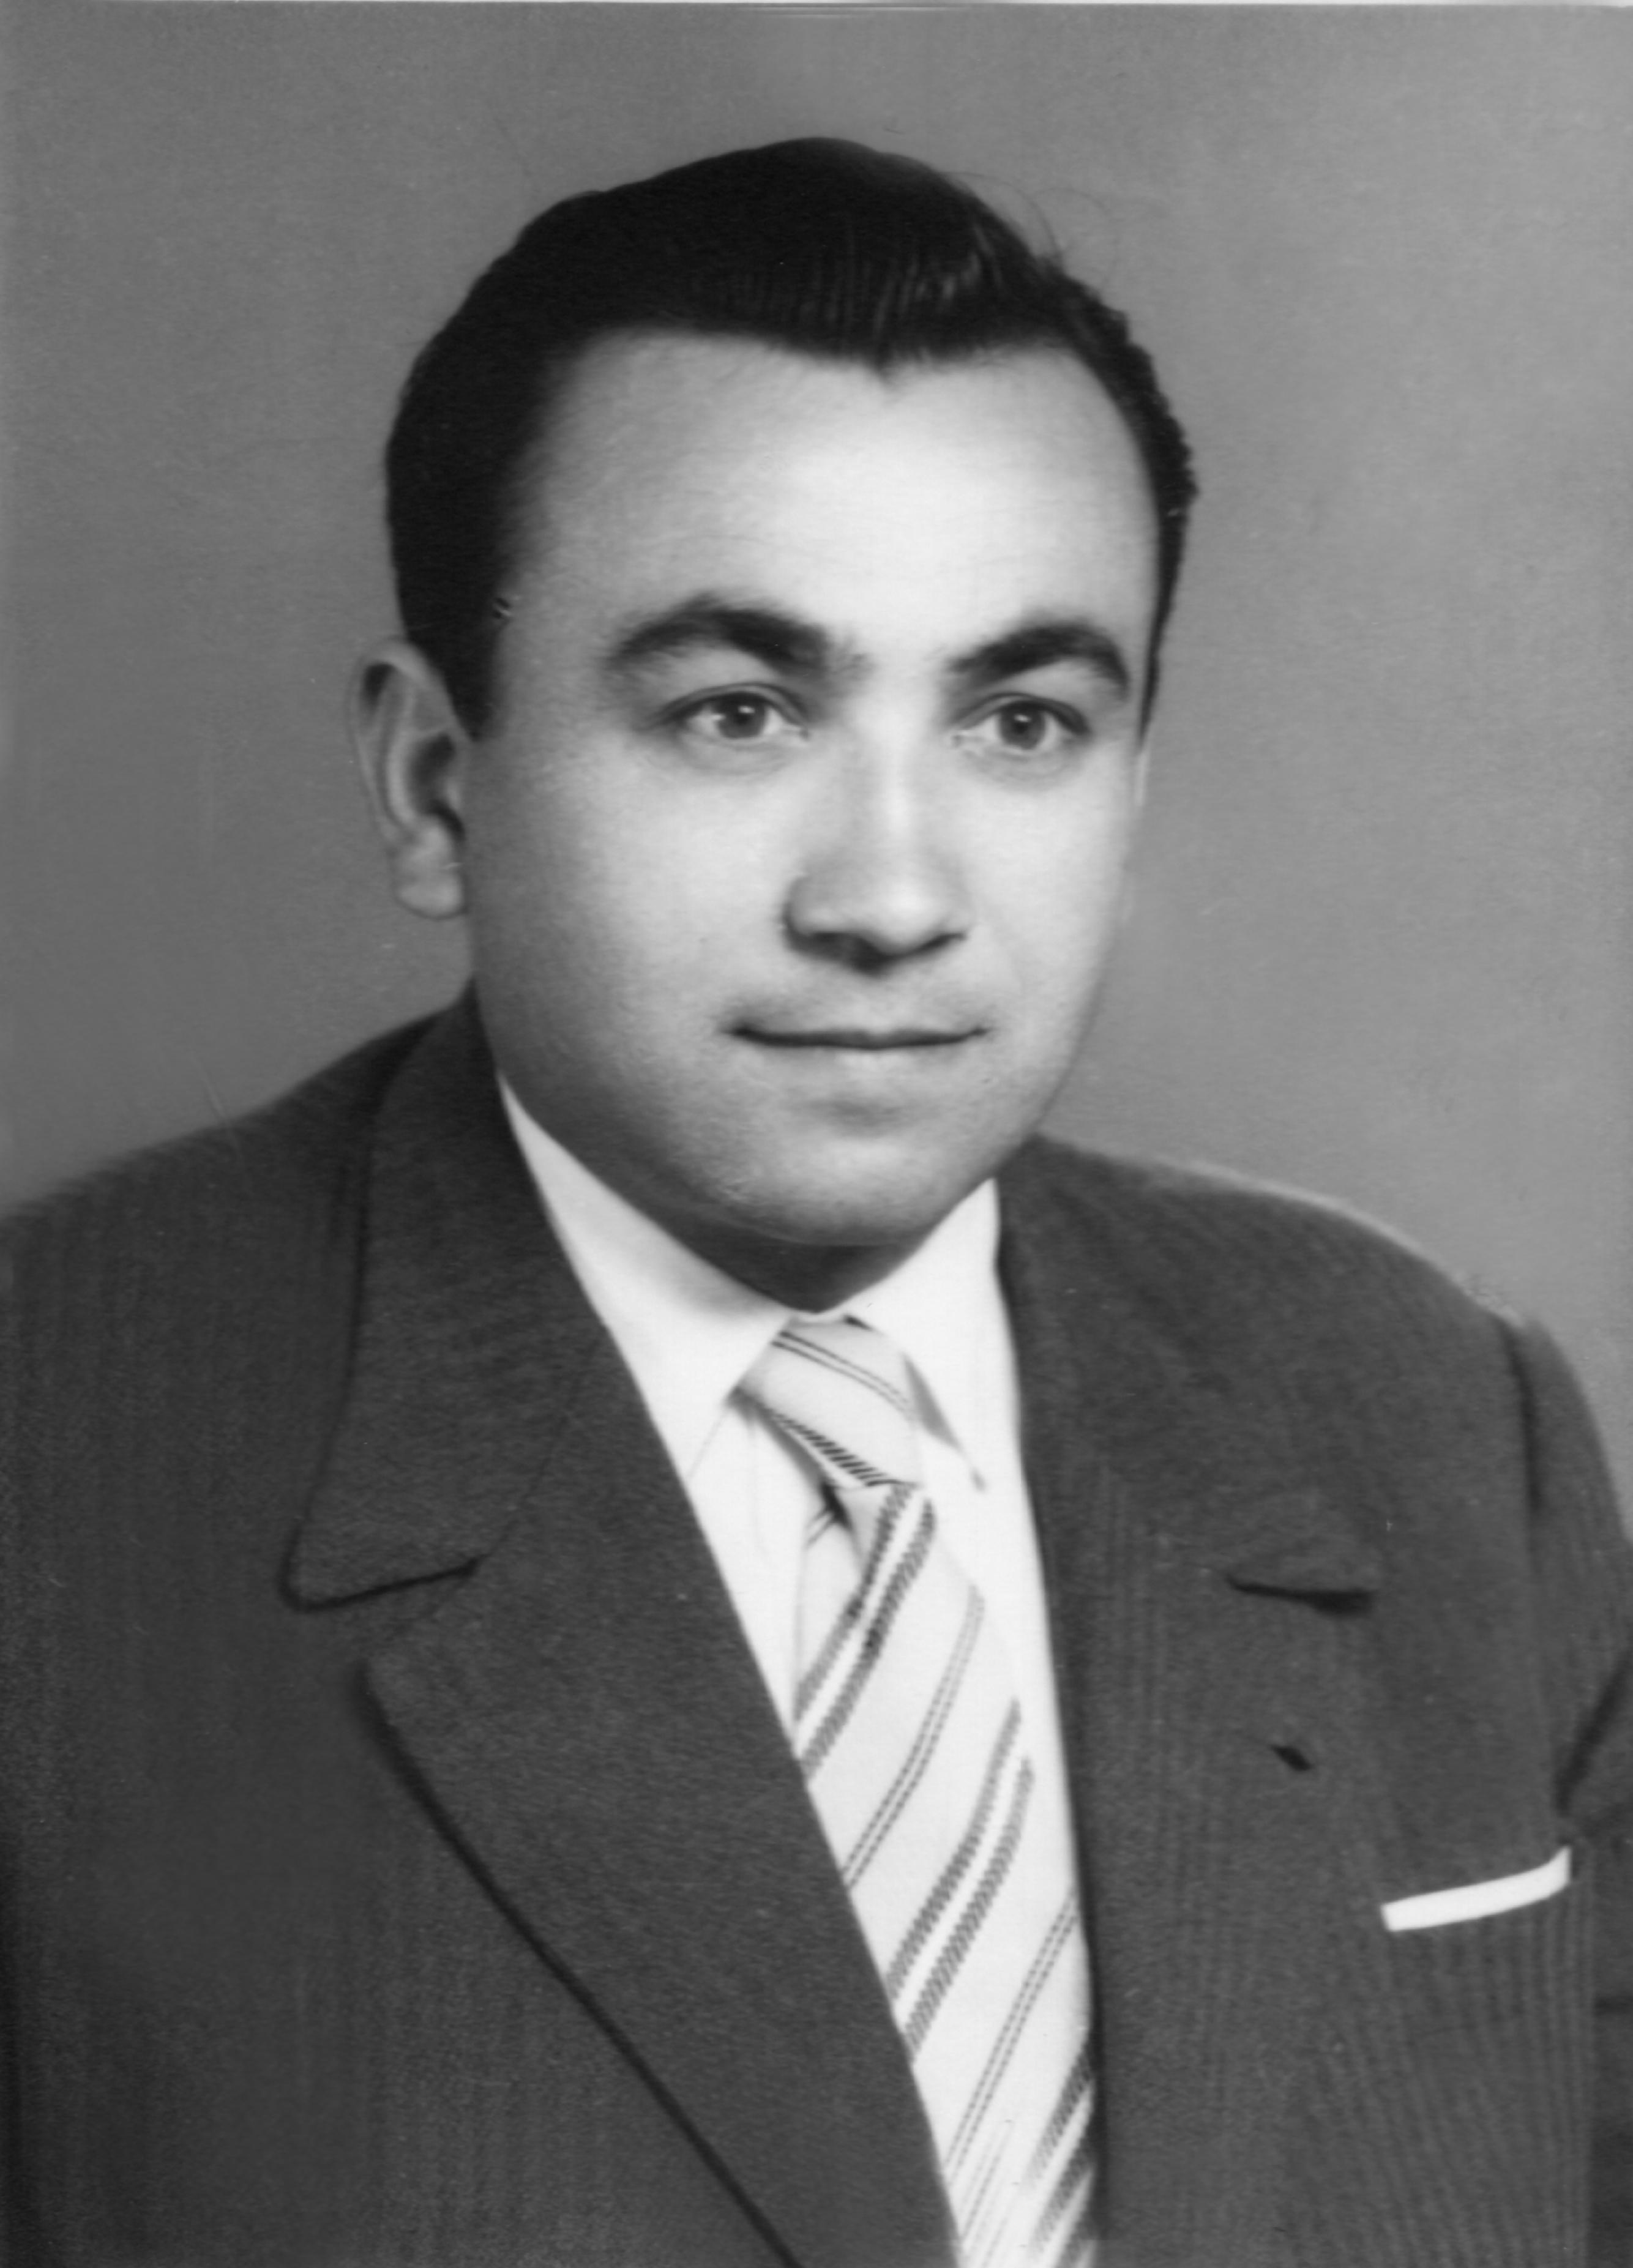 Manuel Pedro da Cruz (10/1/1977 a 8/11/1978)